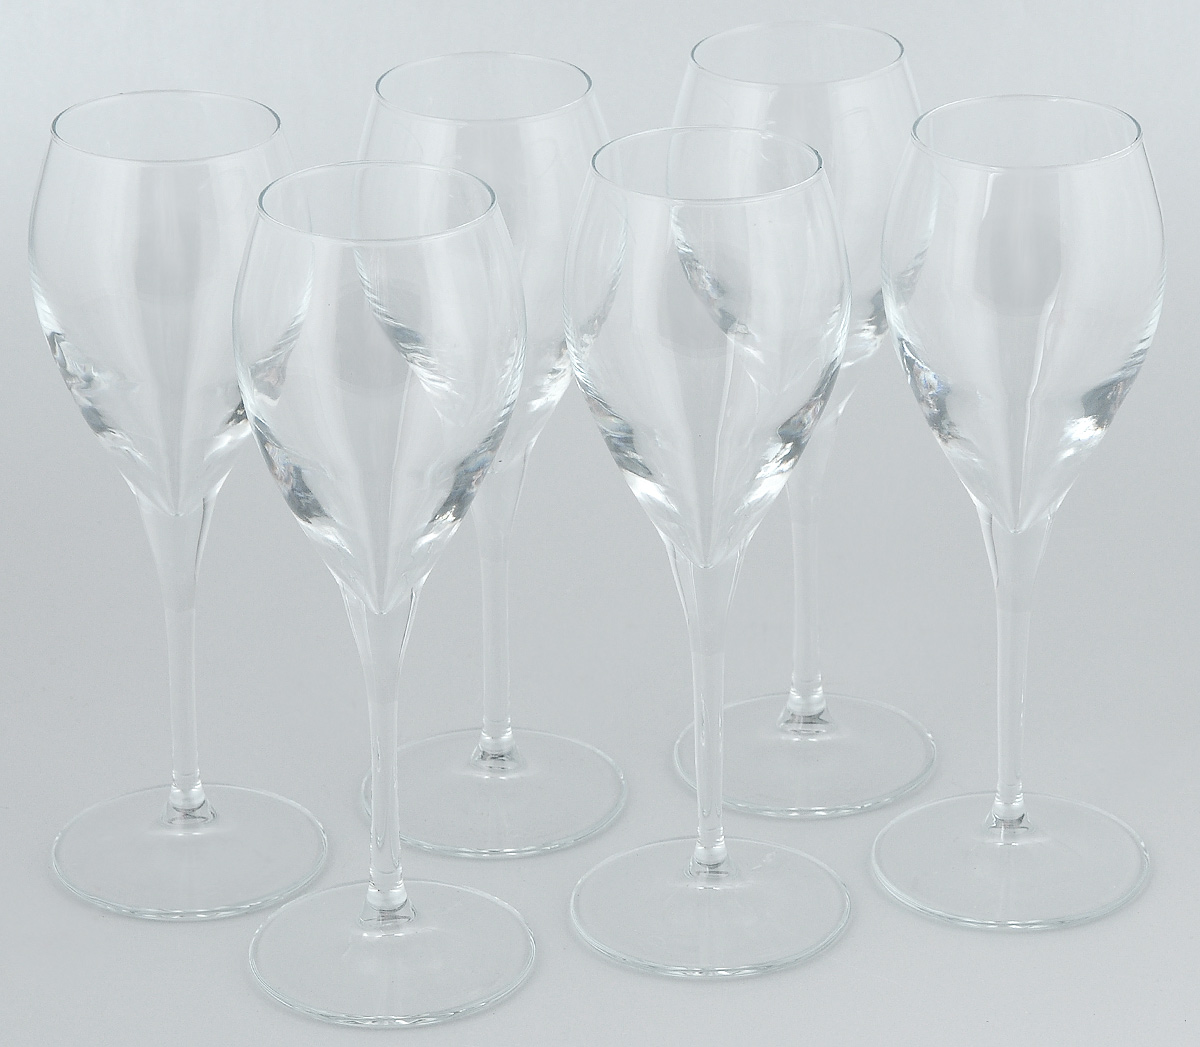 Набор бокалов для вина Pasabahce Monte Carlo, 260 мл, 6 штVT-1520(SR)Набор Pasabahce Monte Carlo состоит из шести бокалов, выполненных из прочного натрий-кальций-силикатного стекла. Изделия оснащены высокими ножками и предназначены для подачи вина. Они сочетают в себе элегантный дизайн и функциональность. Набор бокалов Pasabahce Monte Carlo прекрасно оформит праздничный стол и создаст приятную атмосферу за романтическим ужином. Такой набор также станет хорошим подарком к любому случаю.